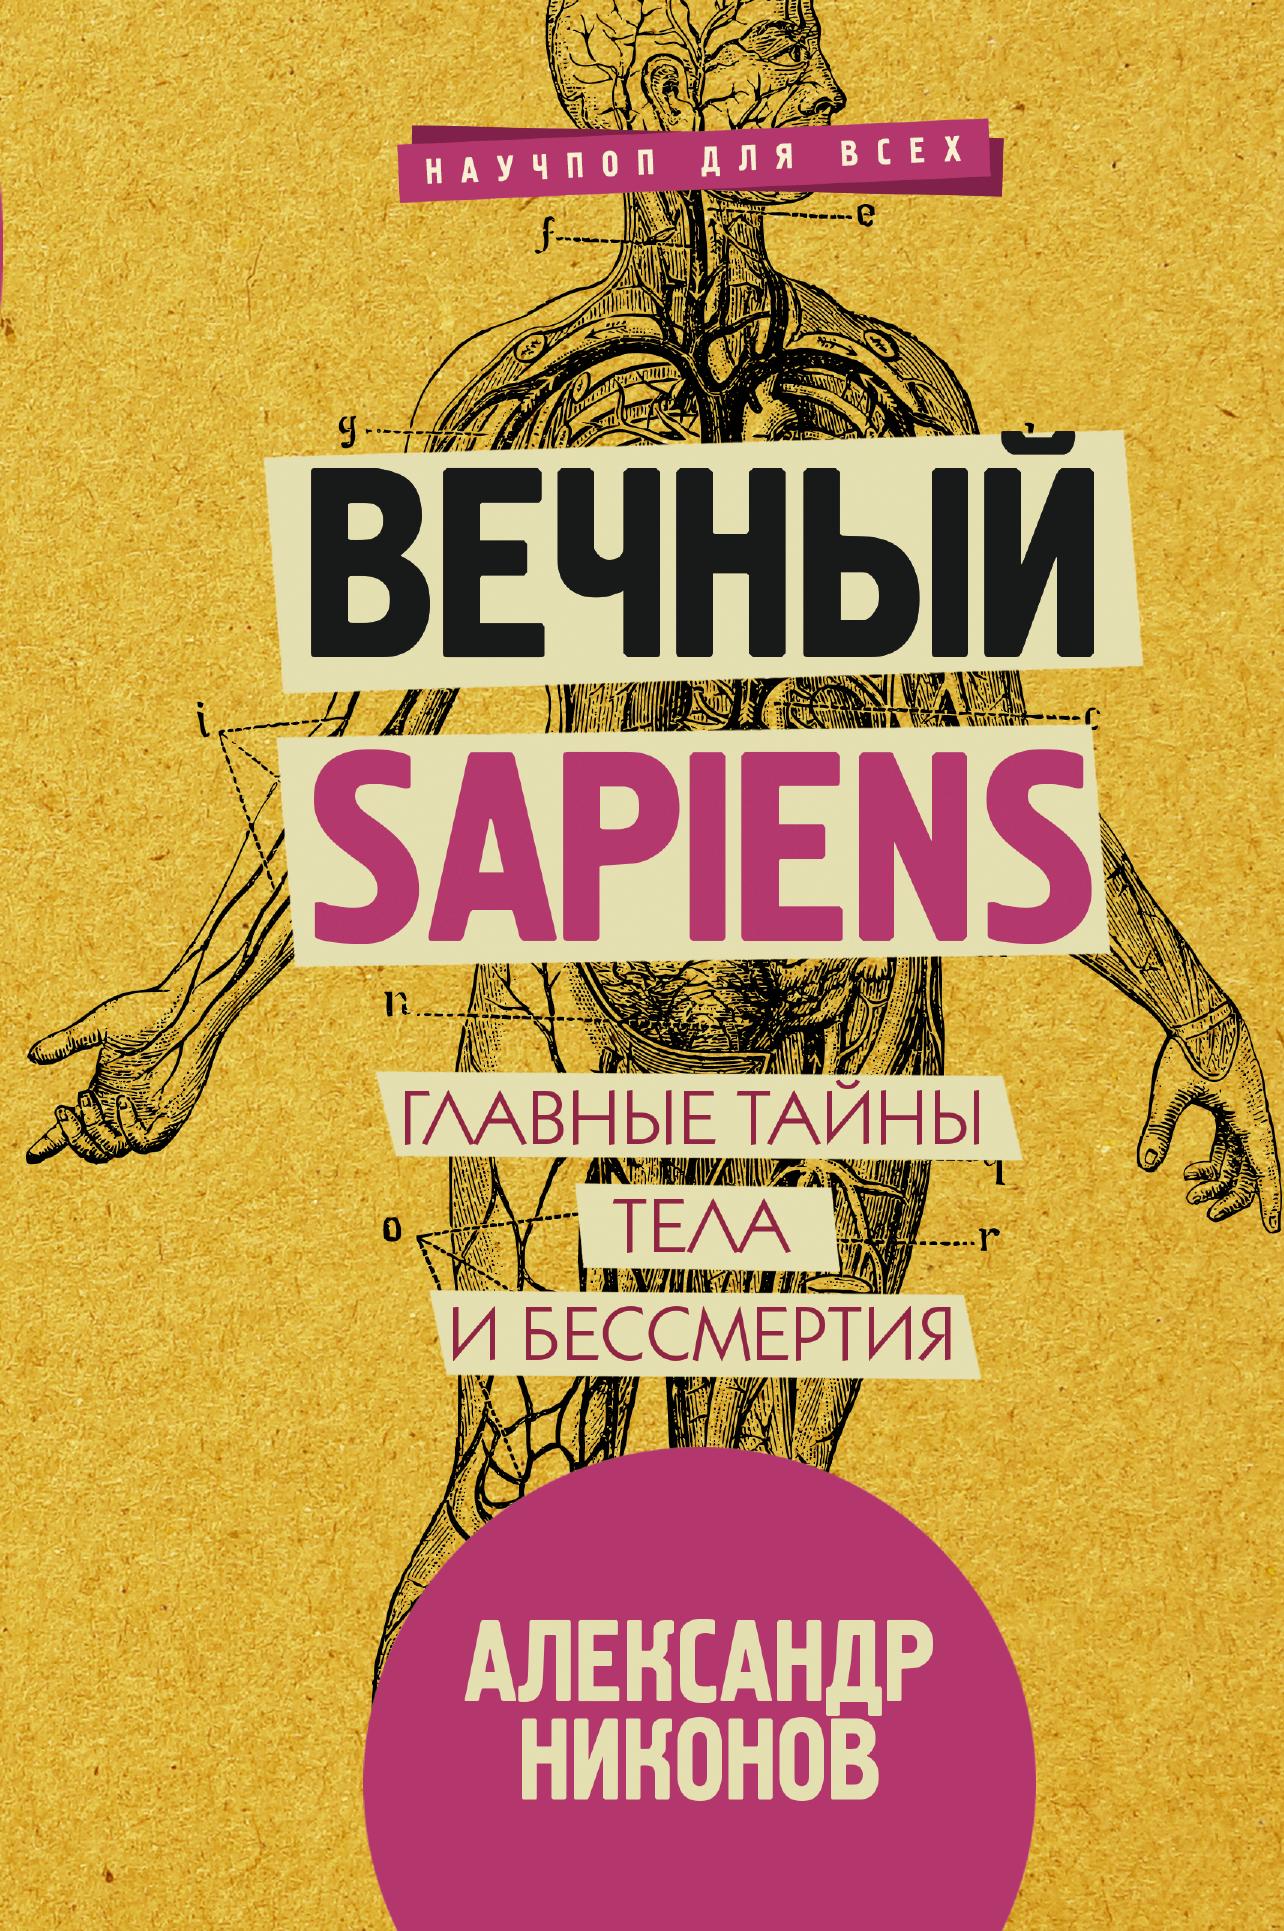 Вечный sapiens. Главные тайны тела и бессмертия ( Никонов А.П.  )